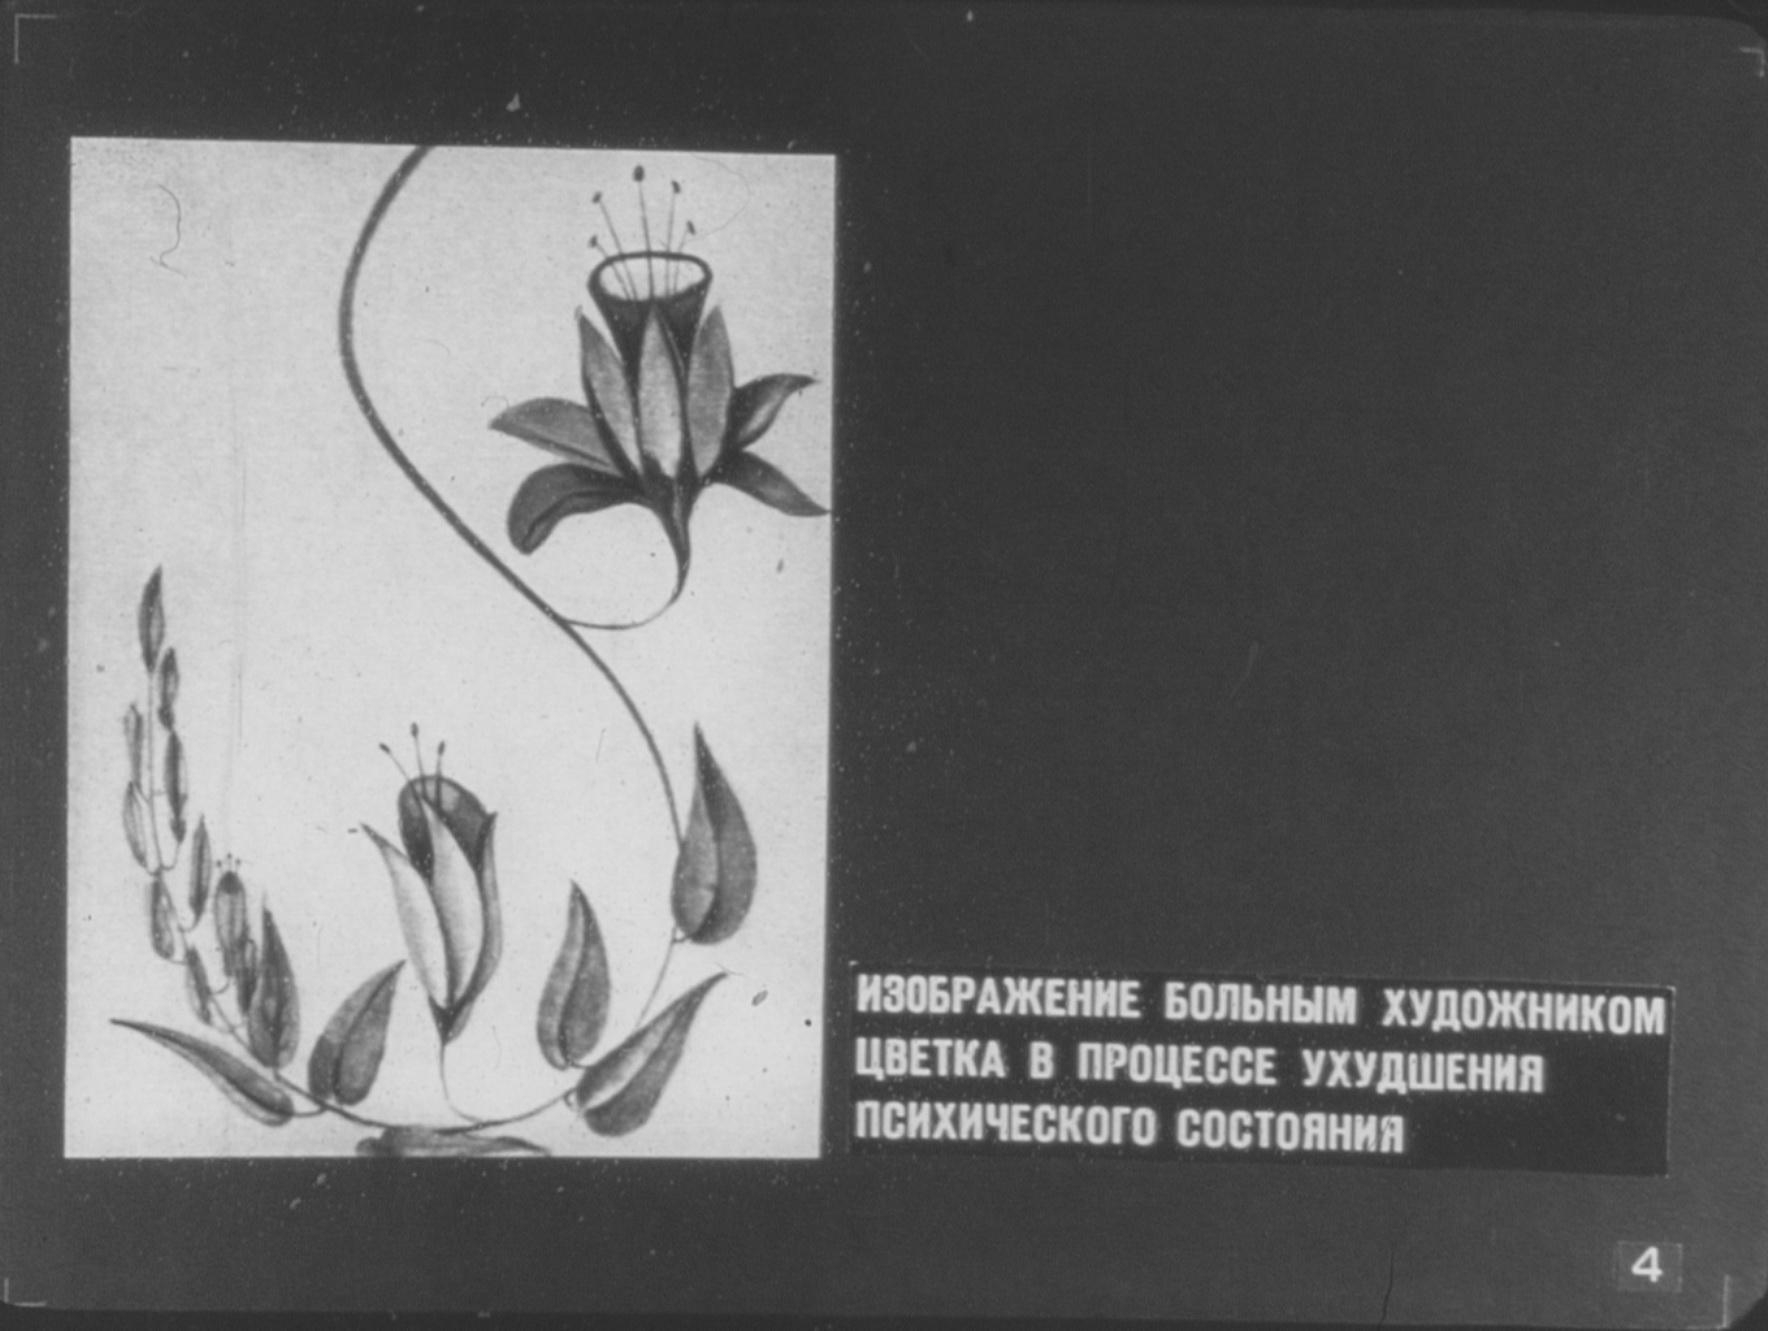 Изображение больным художником цветка в процессе ухудшения психического состояния